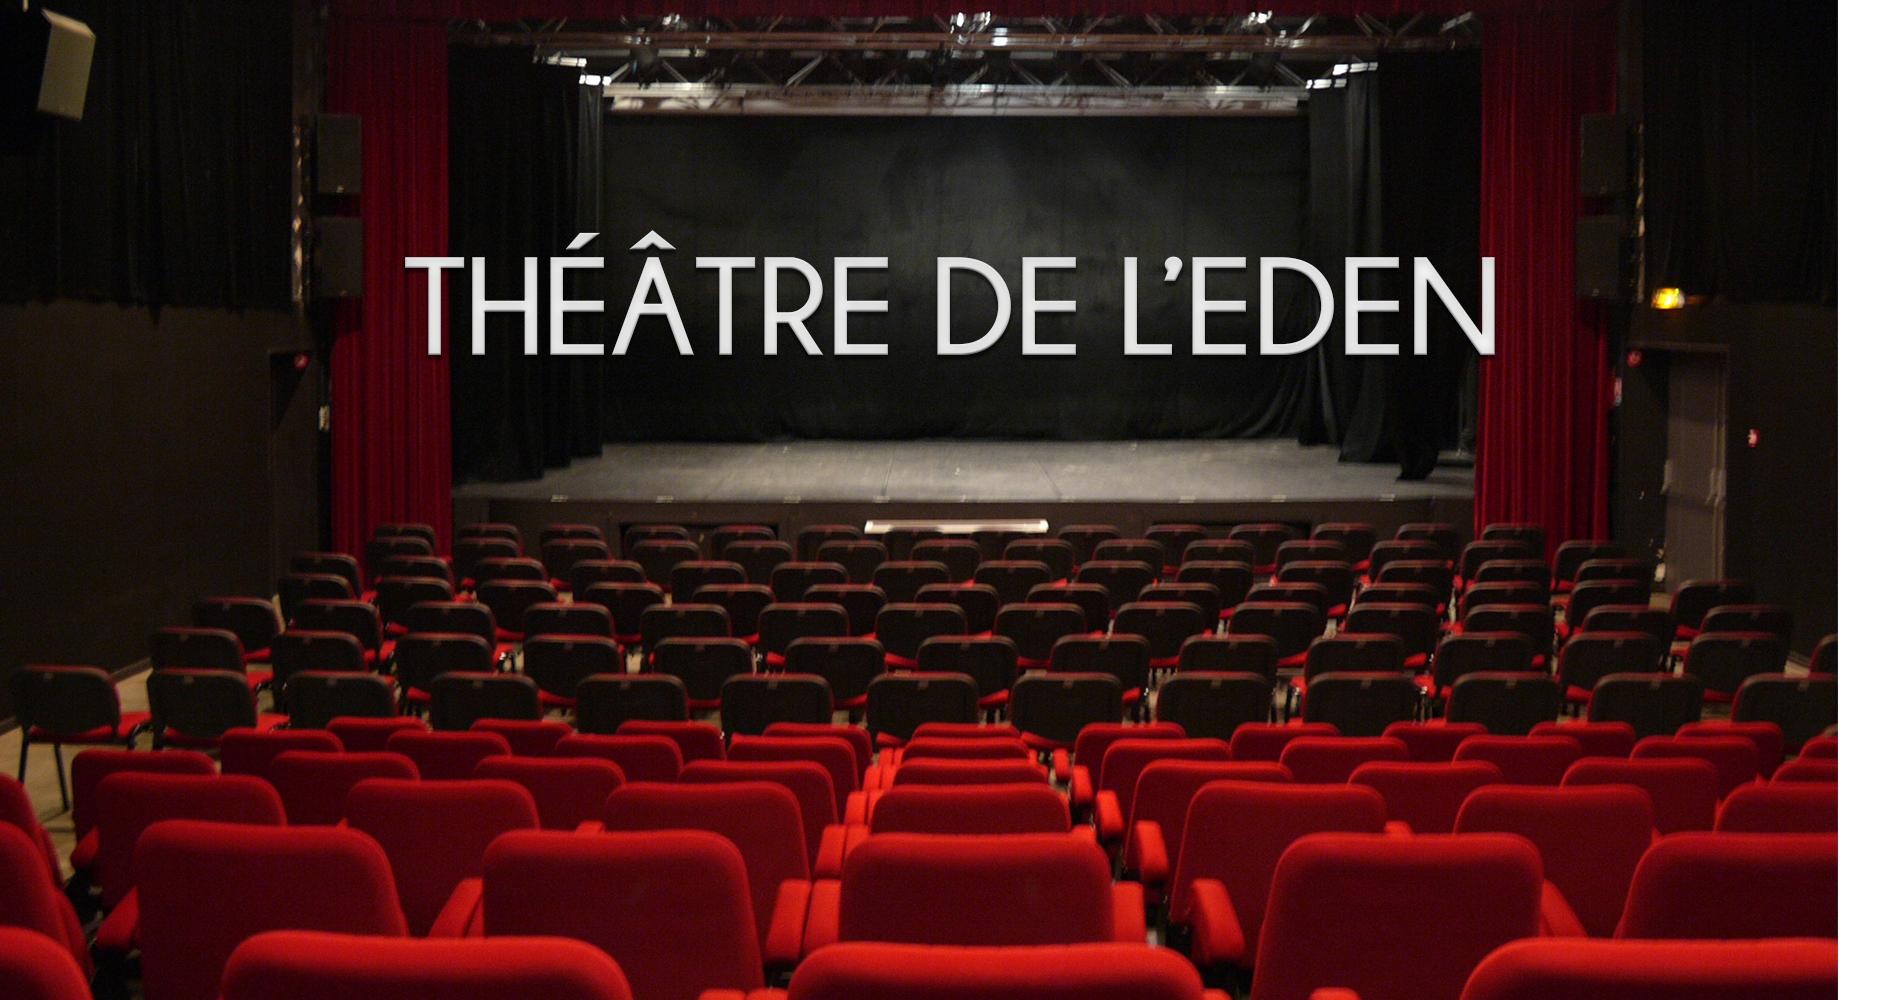 accueil theatre bandeau 2017